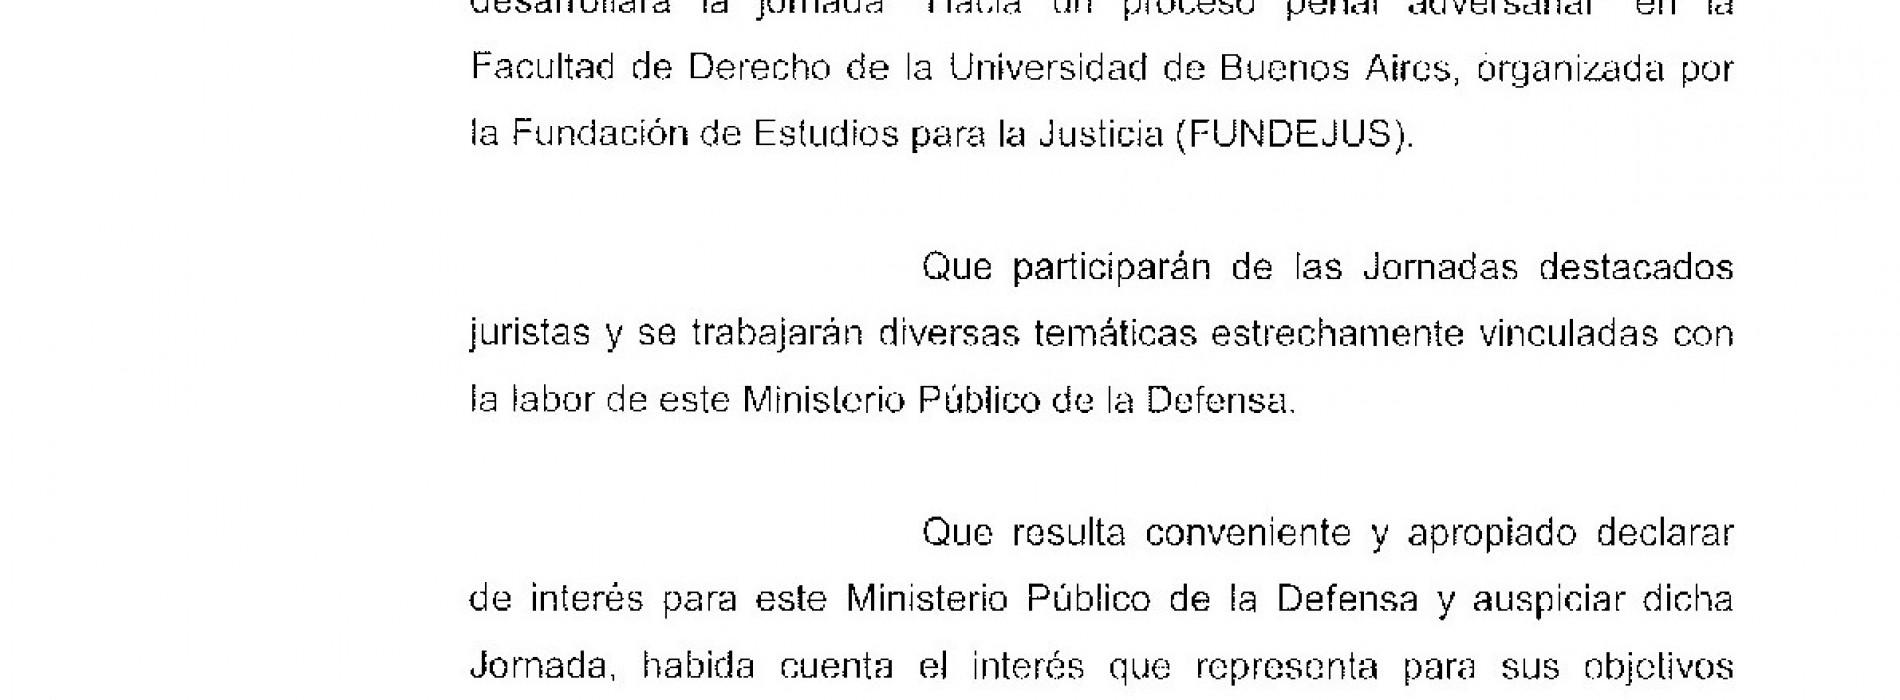 """Jornada """" Hacia un proceso penal adversarial """": Declaración de interés del Ministerio Público de la Defensa C.A.B.A."""